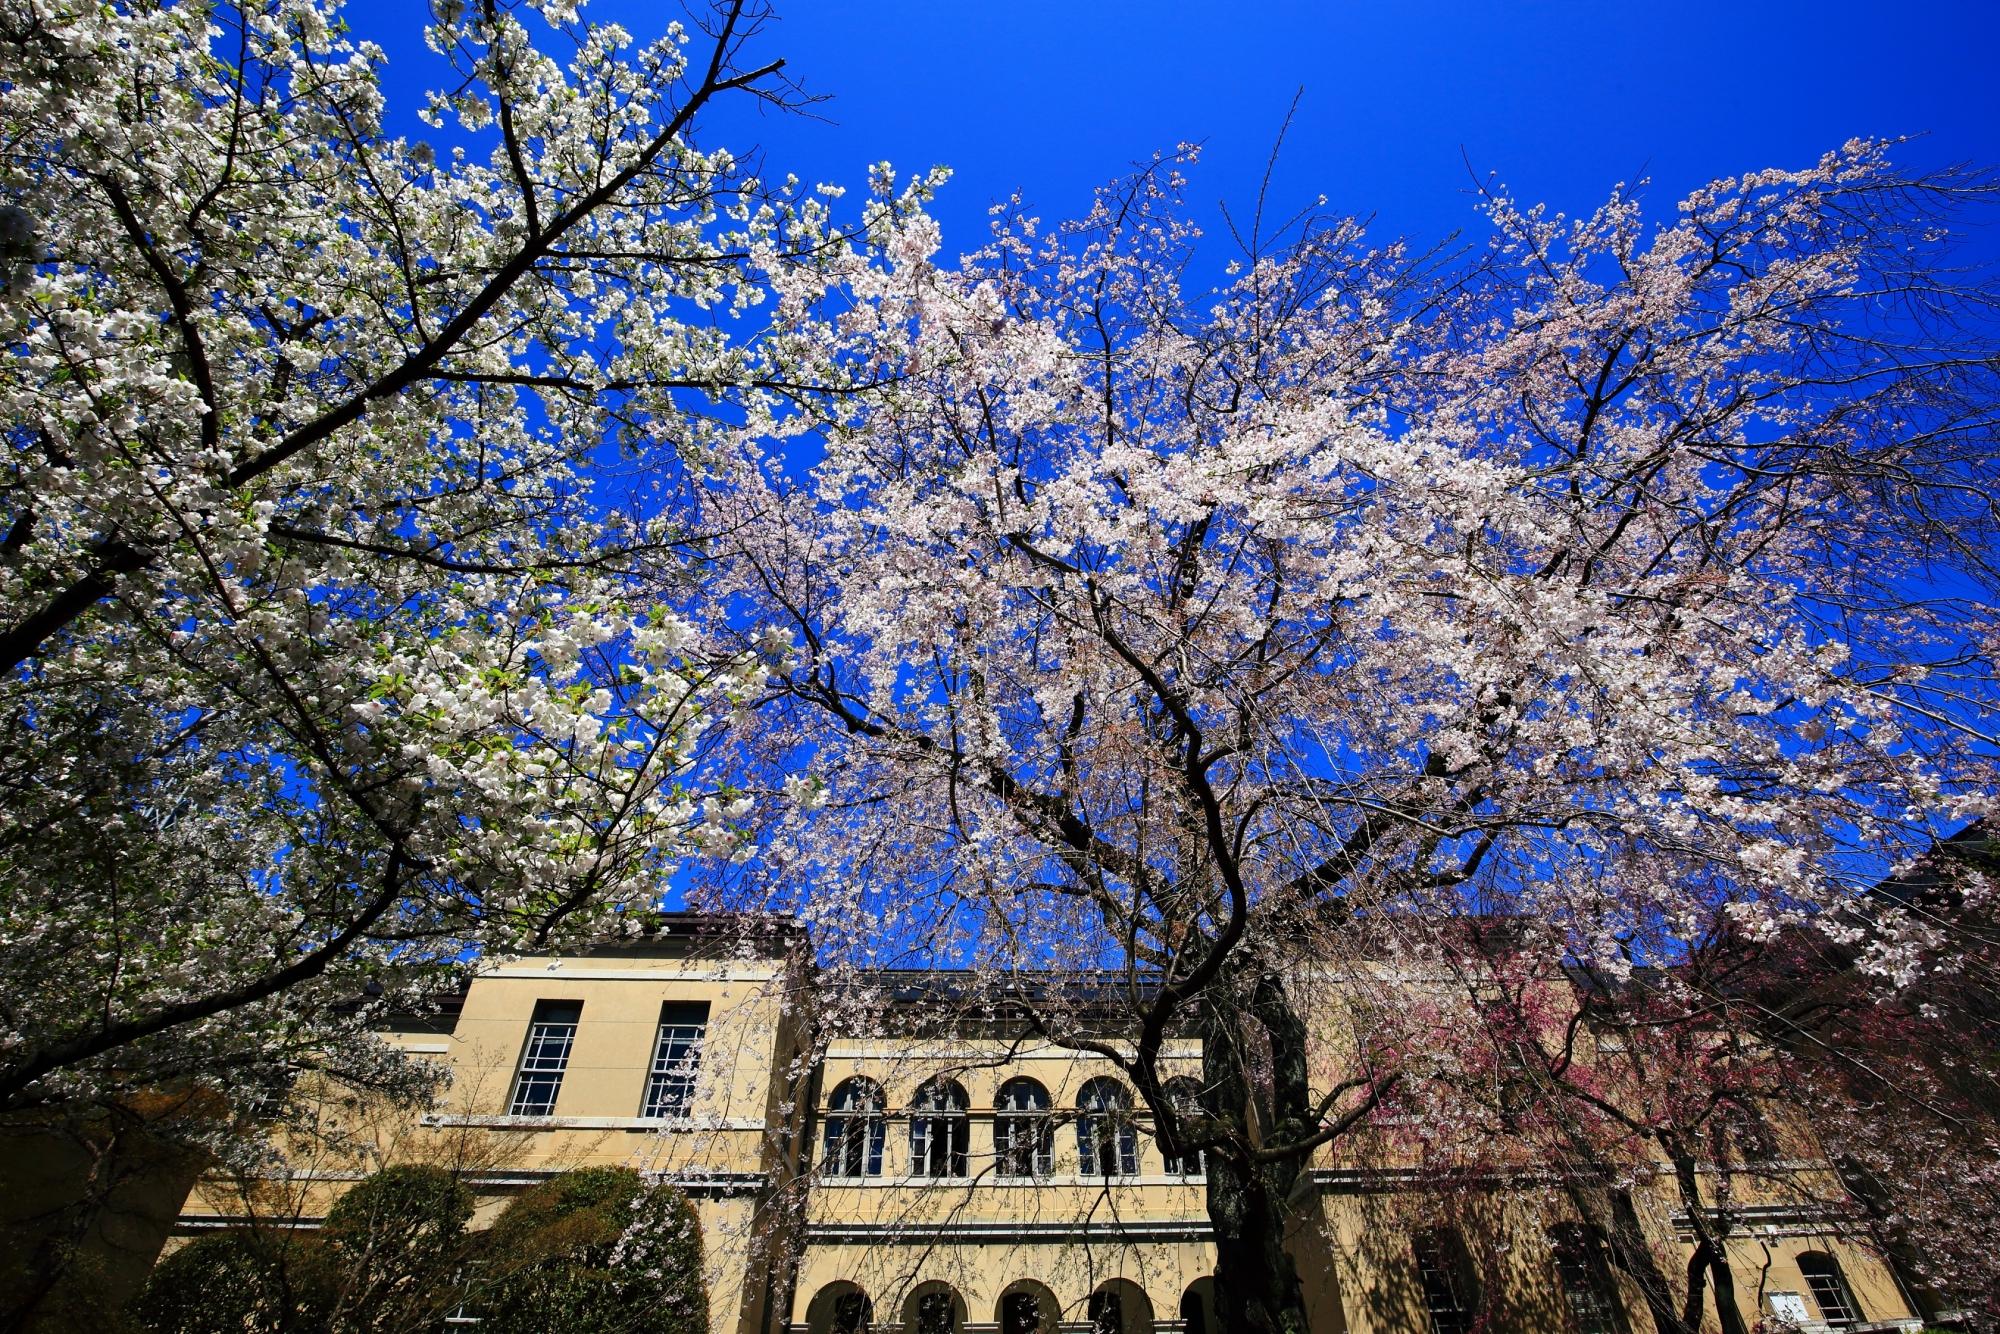 青空から降り注ぐ見事な桜